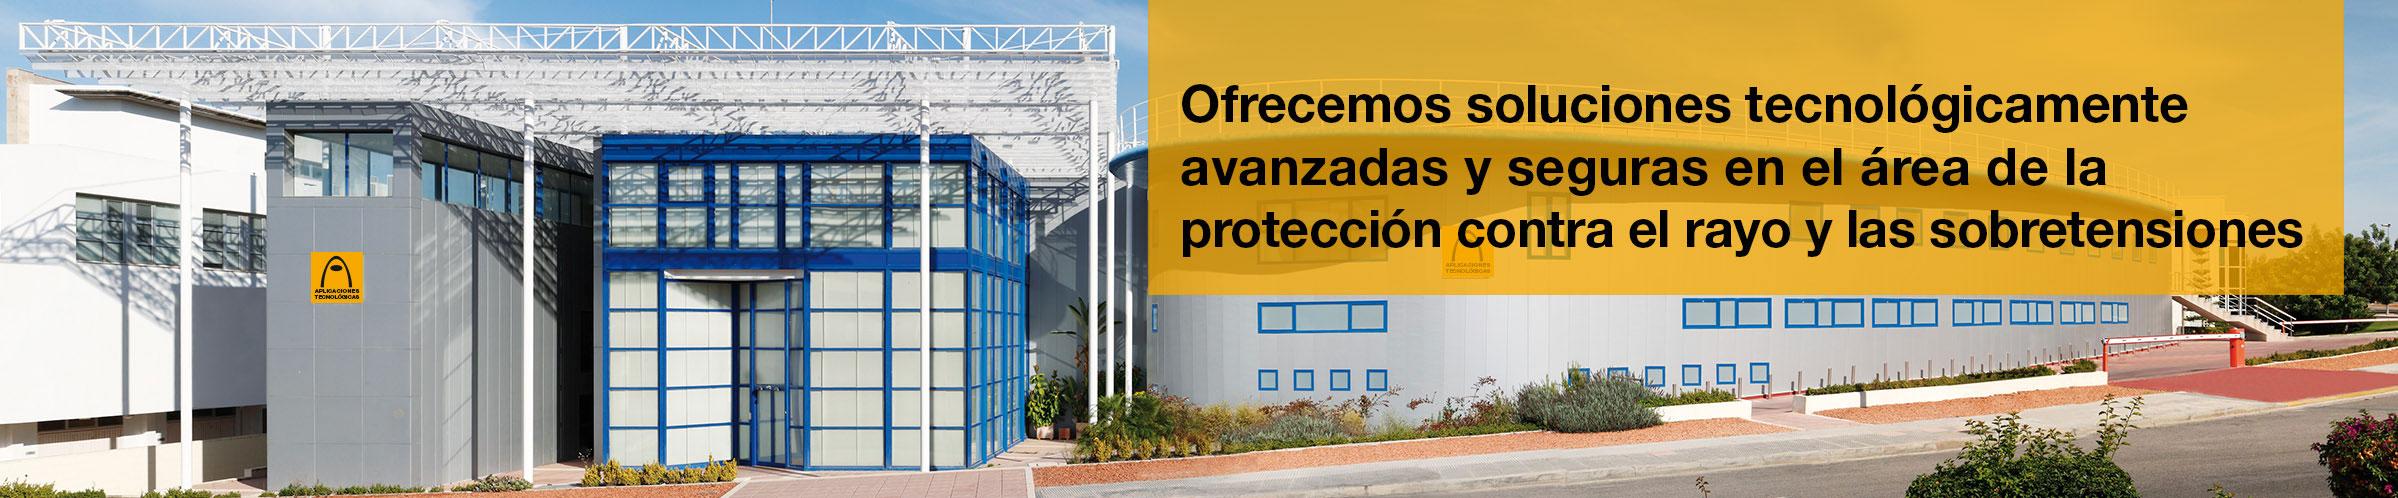 Sede principal de Aplicaciones Tecnológicas S.A. en Paterna, Valencia